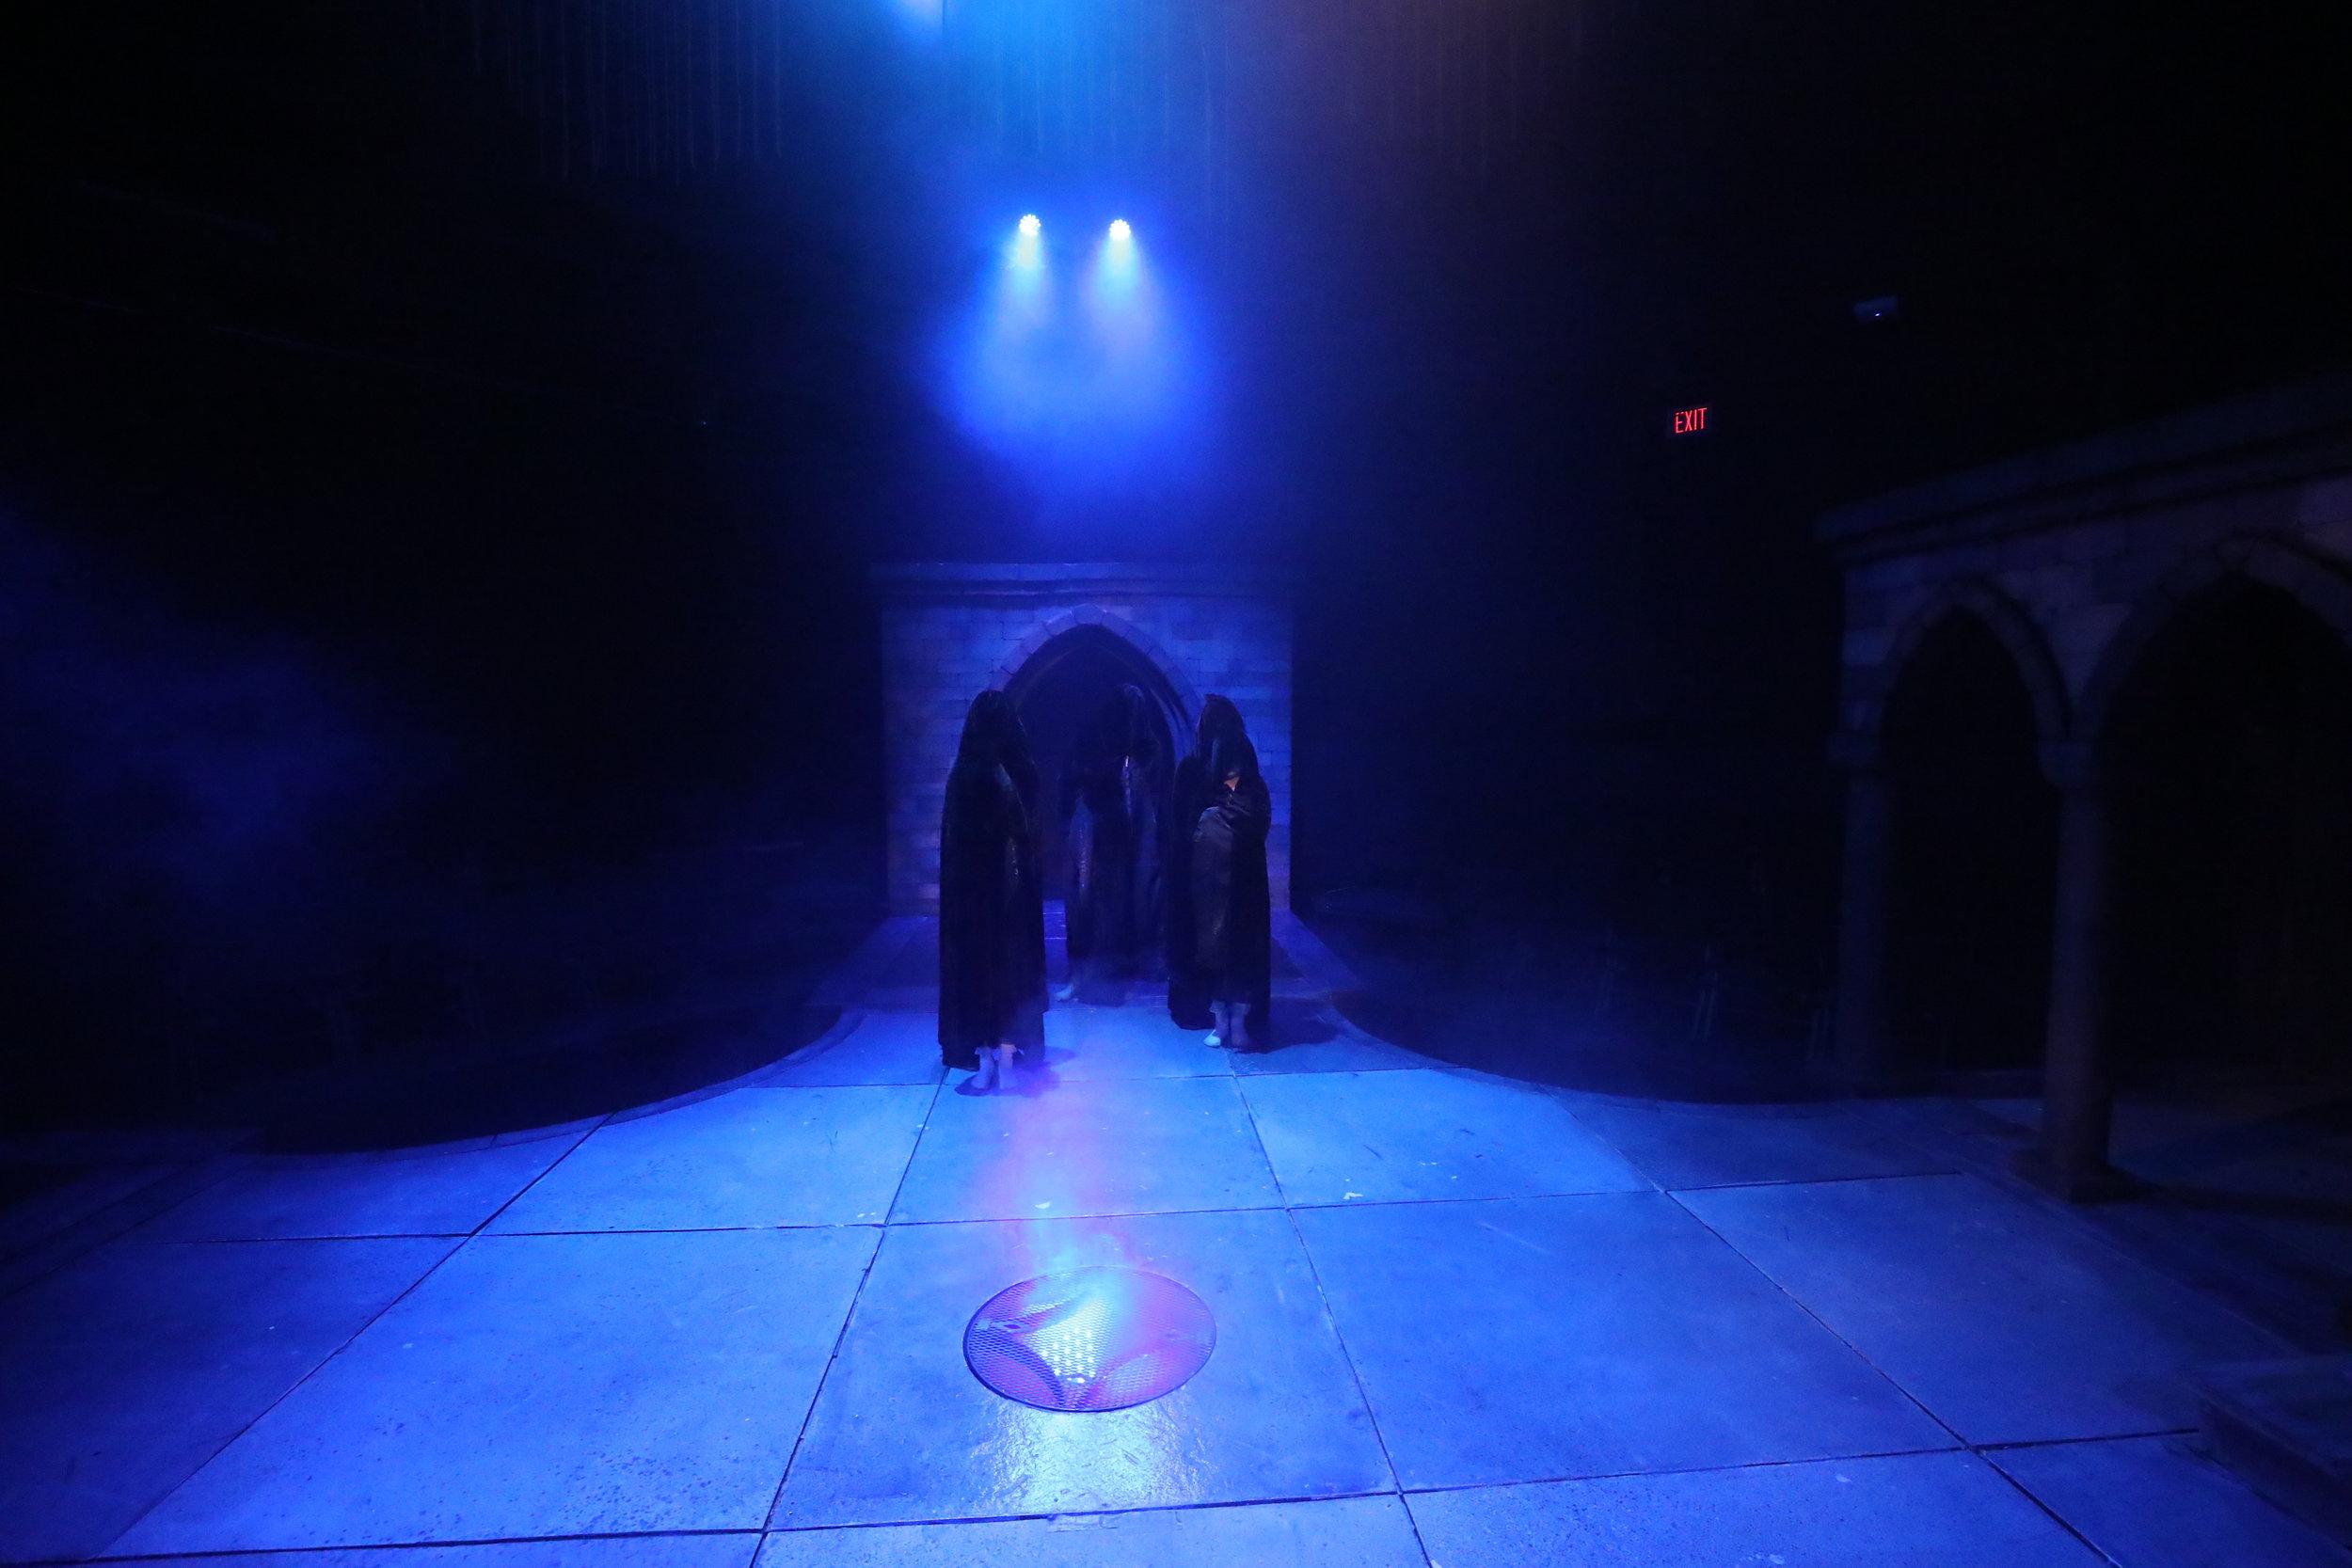 092018-Macbeth-008.JPG